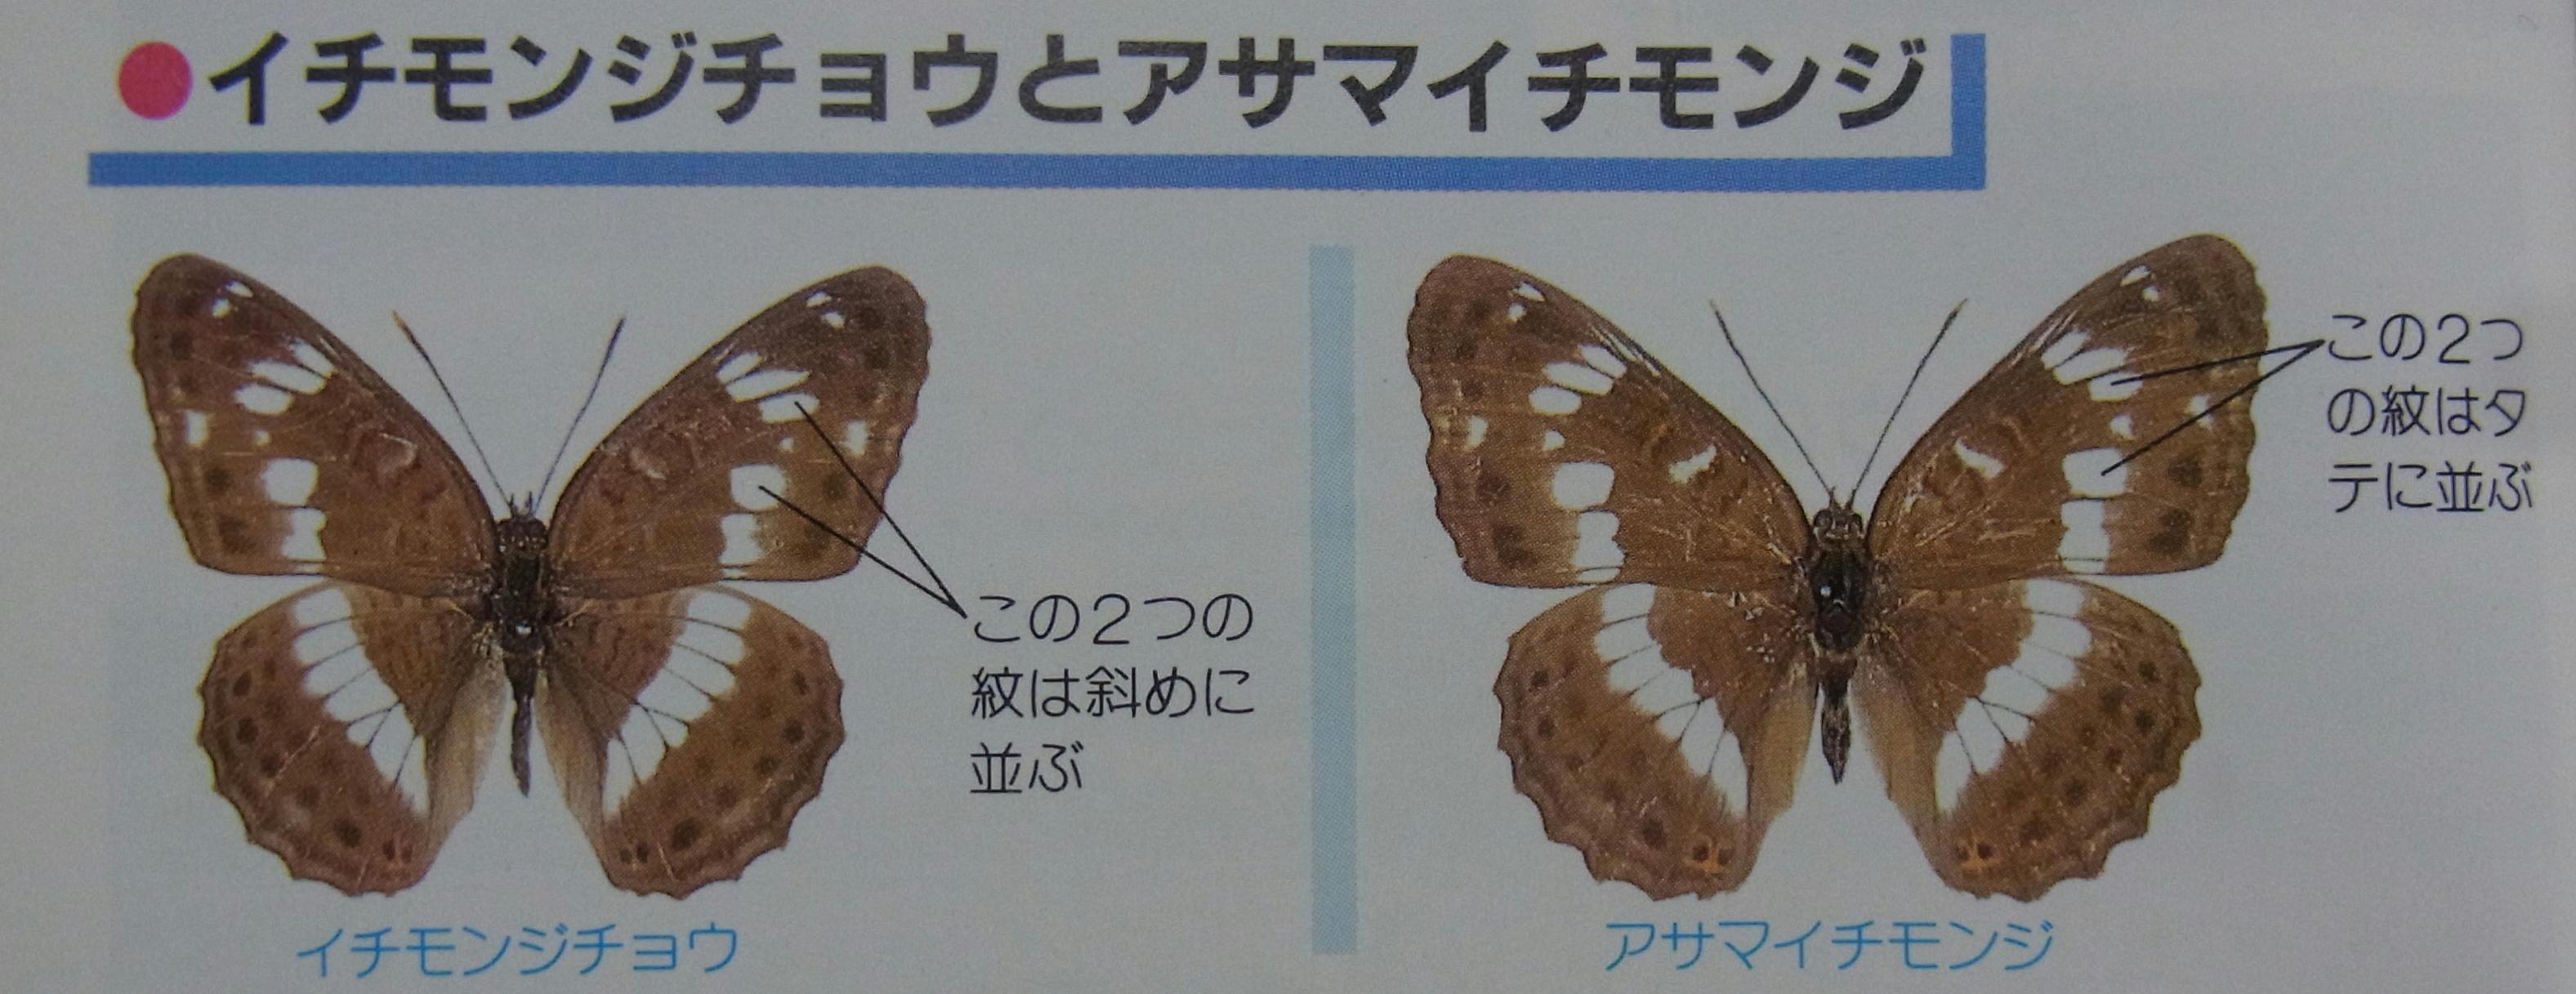 類似2☆ イチモンジチョウ × アサマイチモンジ  翅表比較図Ⅱ_a0146869_21565476.jpg